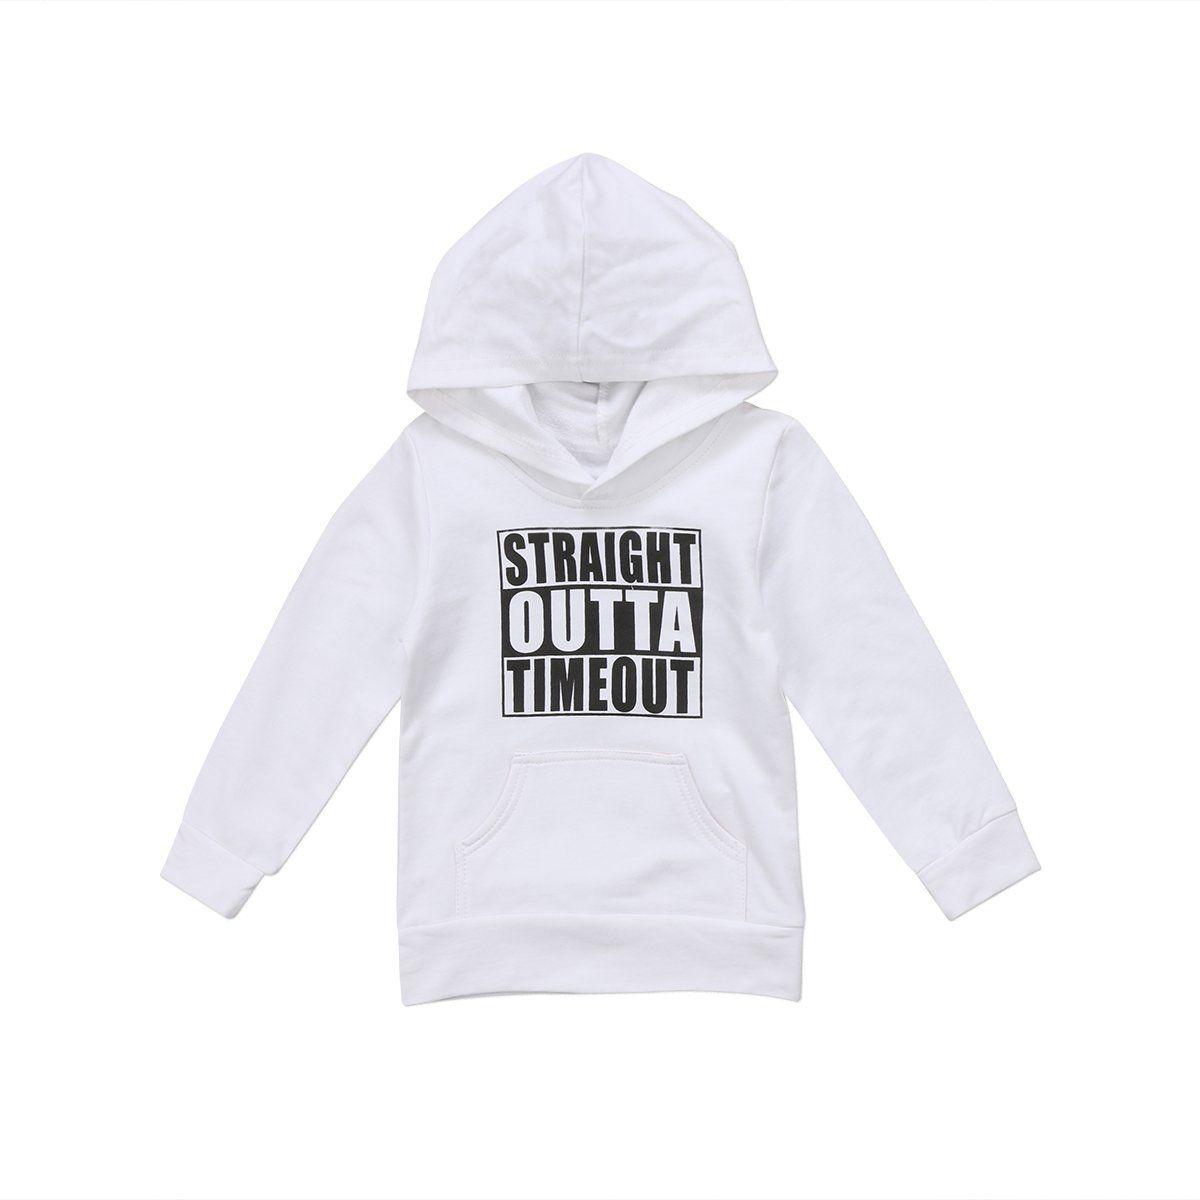 4t White Sweatshirt